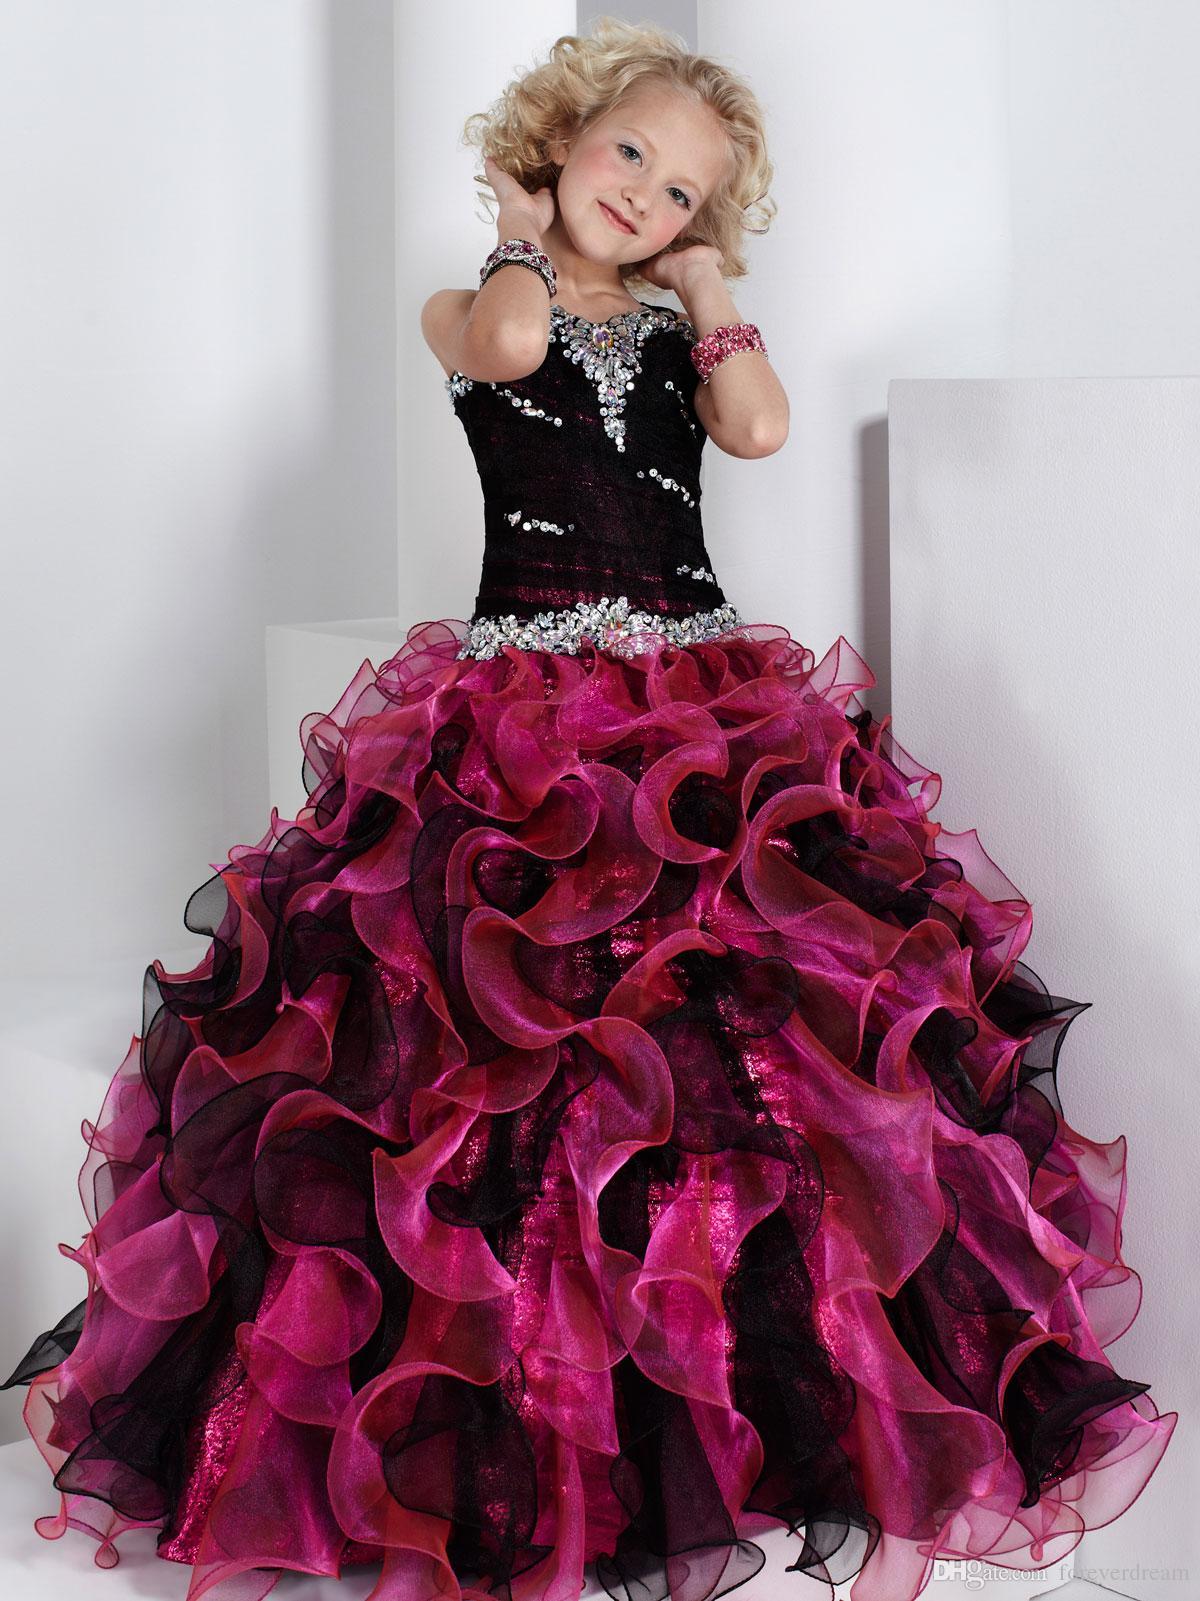 Precioso fucsia / correas negras Organza Beads Flower Girl Vestidos Pago de niñas Vestidos Cumpleaños / Vacaciones Vestidos Tamaño personalizado 2-14 FD8140276